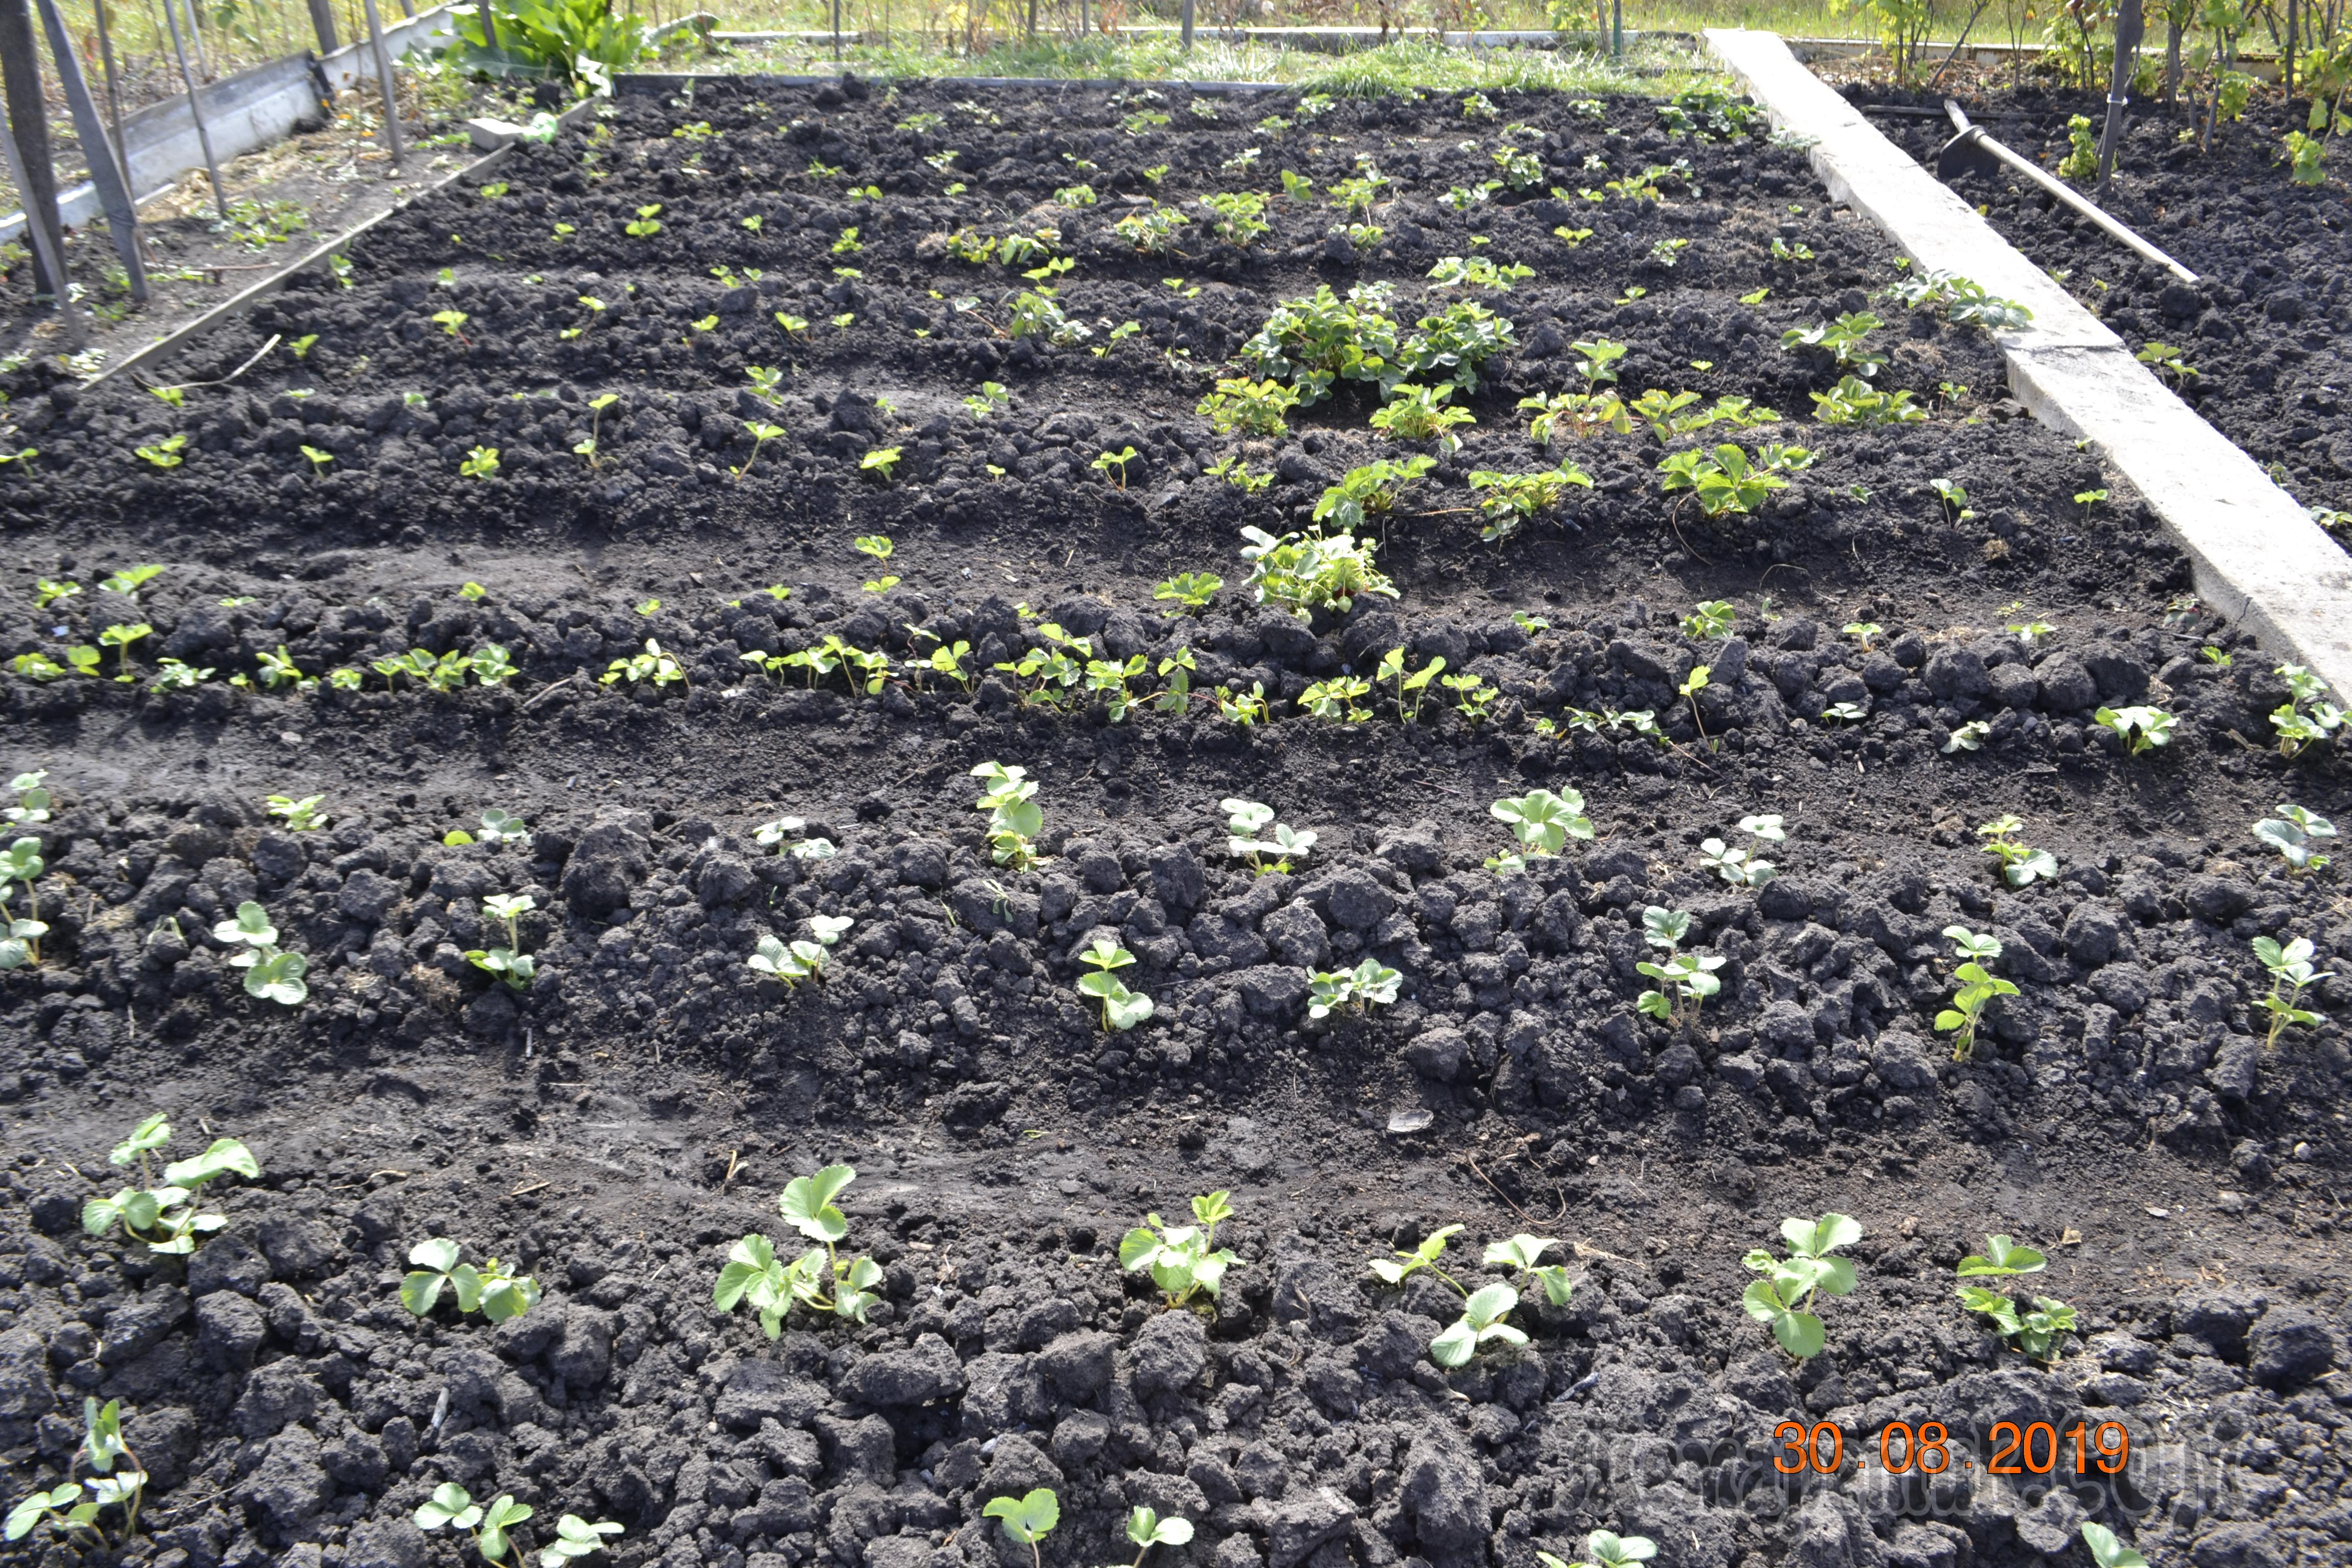 Органическое земледелие на даче с нуля - видео. с чего начать природное земледелие и устройство умных грядок